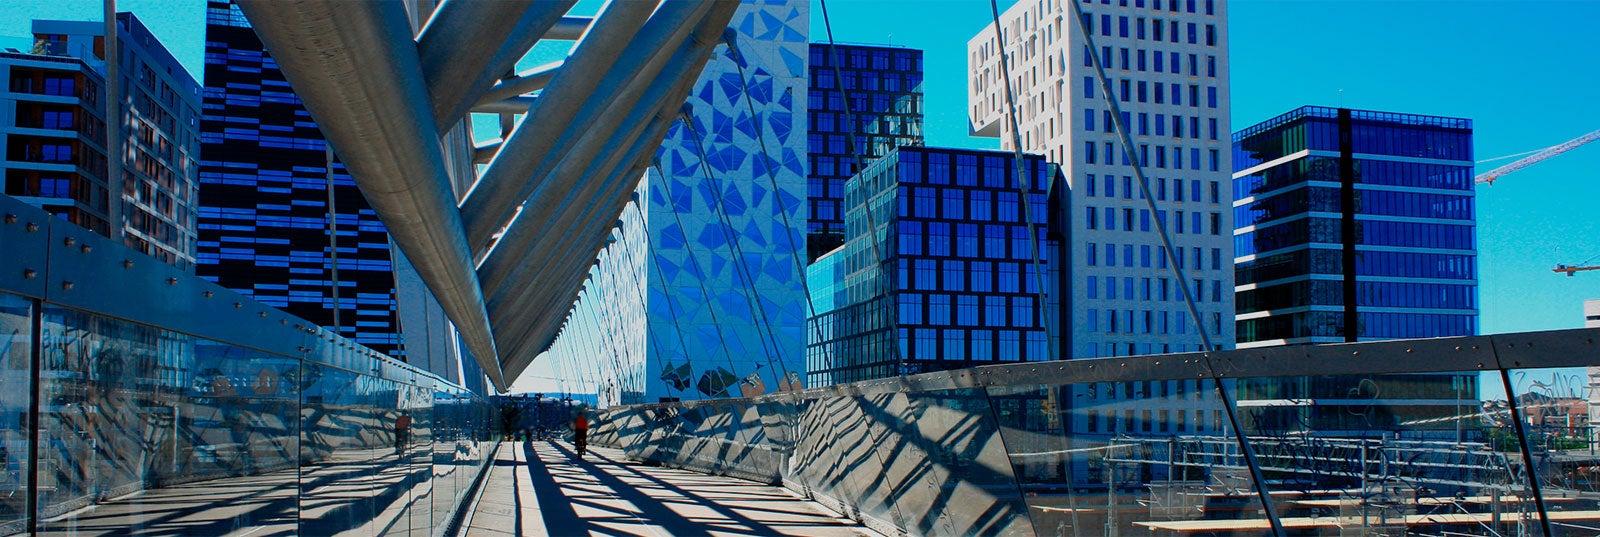 Guía turística de Oslo